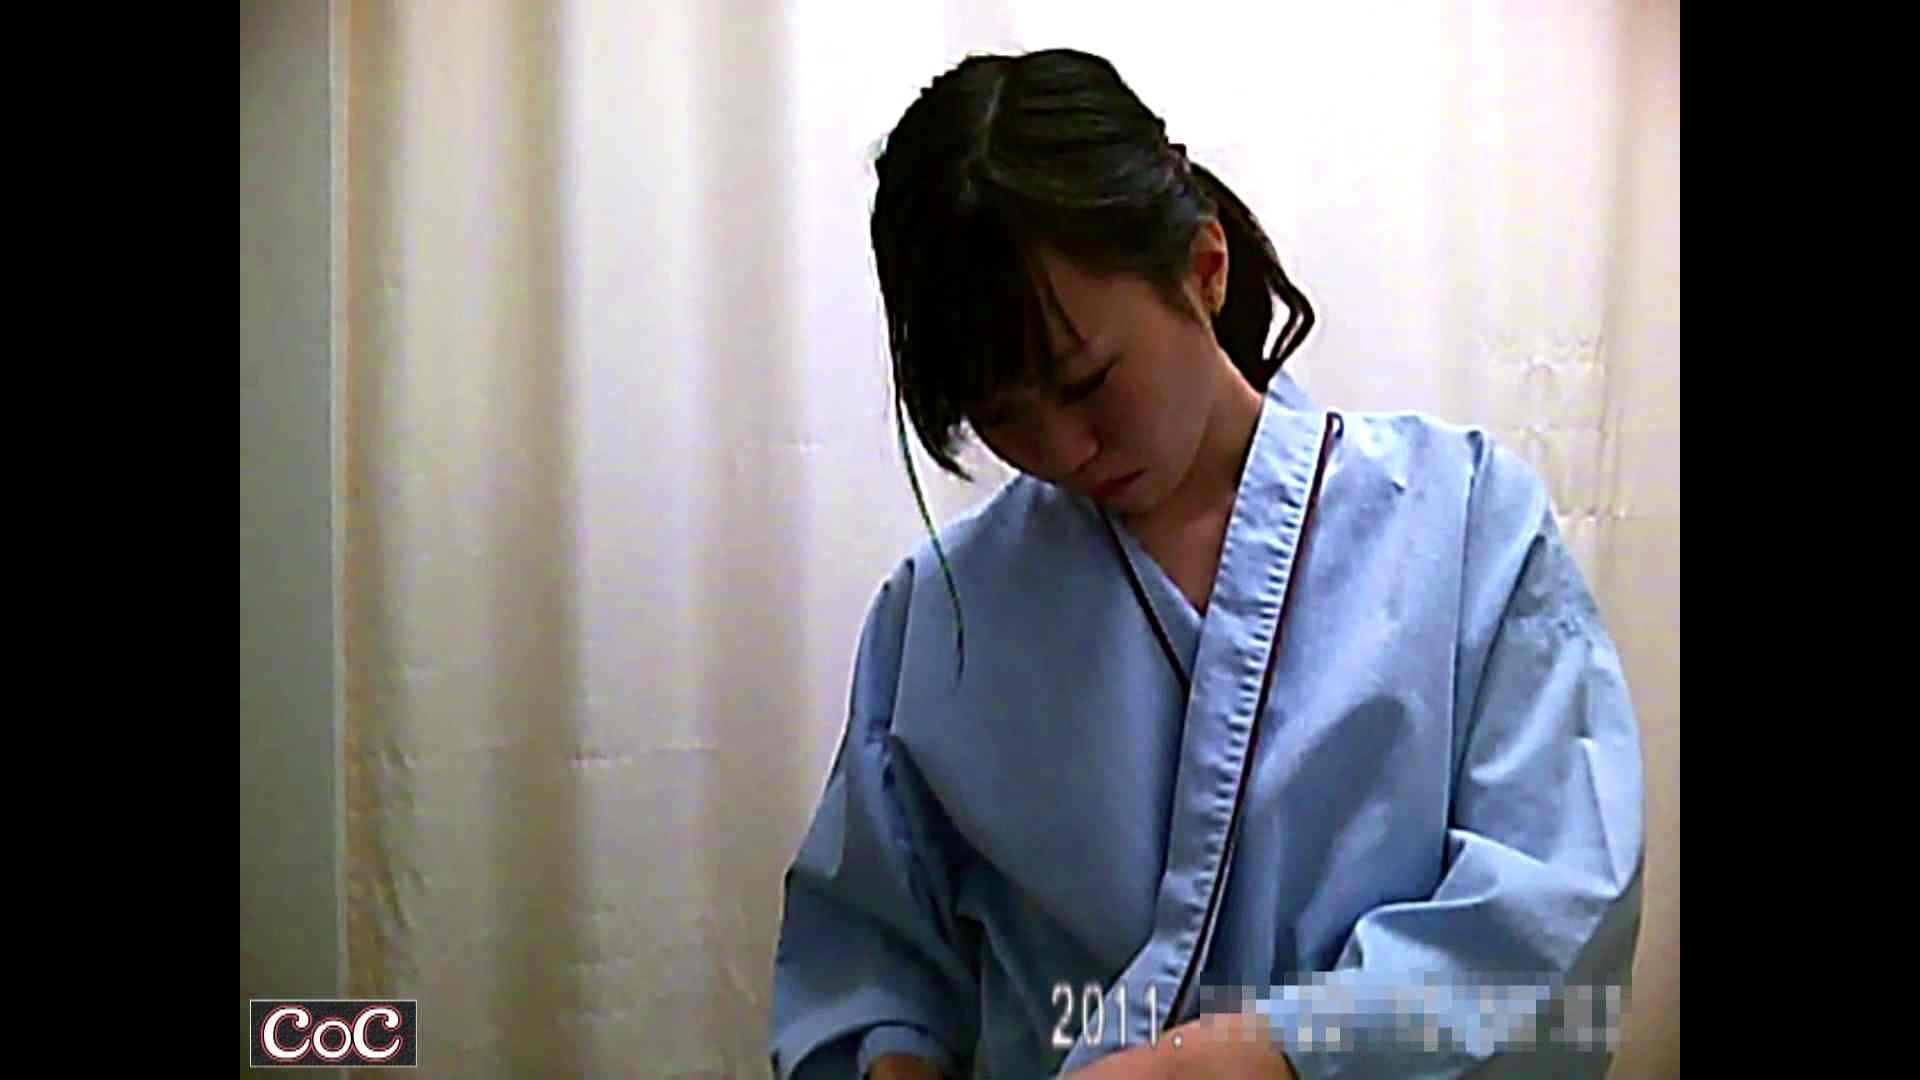 元医者による反抗 更衣室地獄絵巻 vol.194 OLハメ撮り  37Pix 22